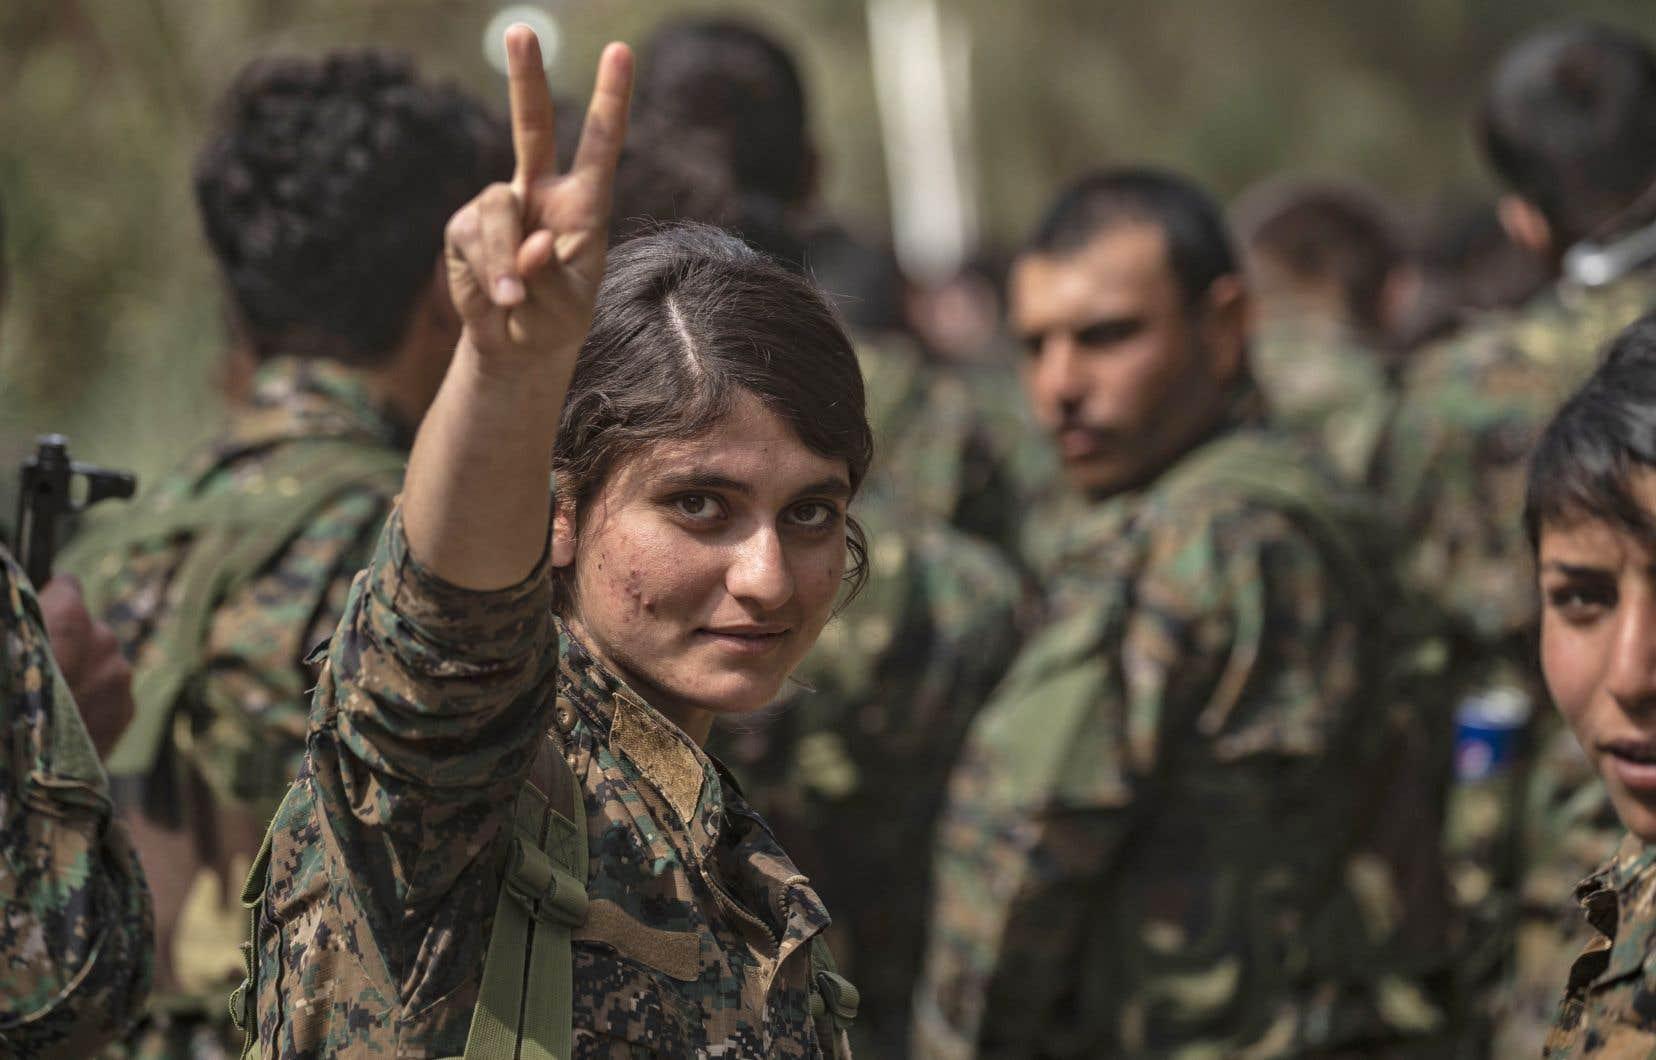 Des combattantes desForces démocratiques syriennes célèbrent la défaite du groupe EIdans la province syrienne de Deir Ezzor, le 23 mars 2019.